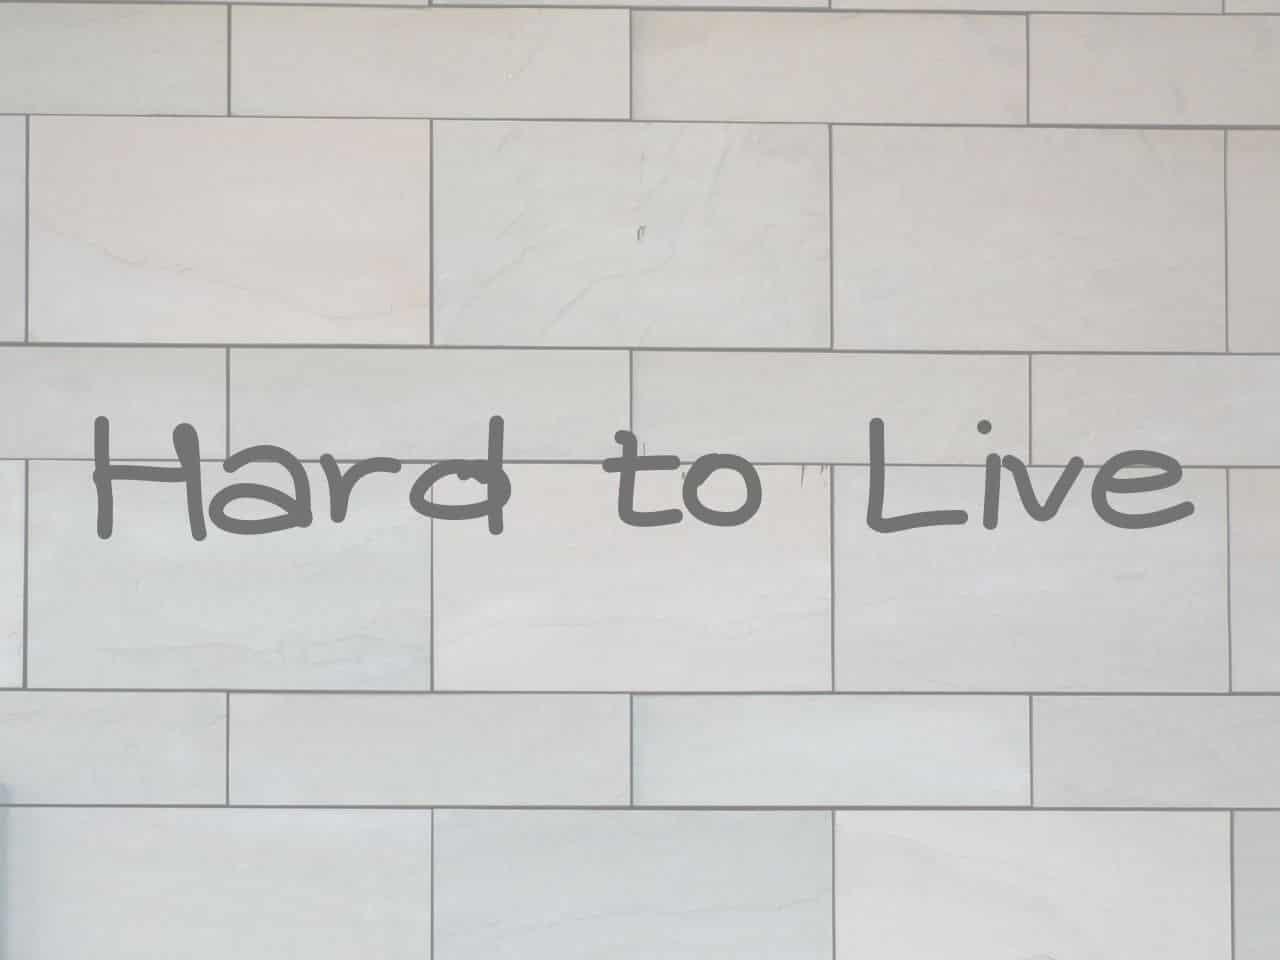 壁を目の前にして生きづらさを感じる